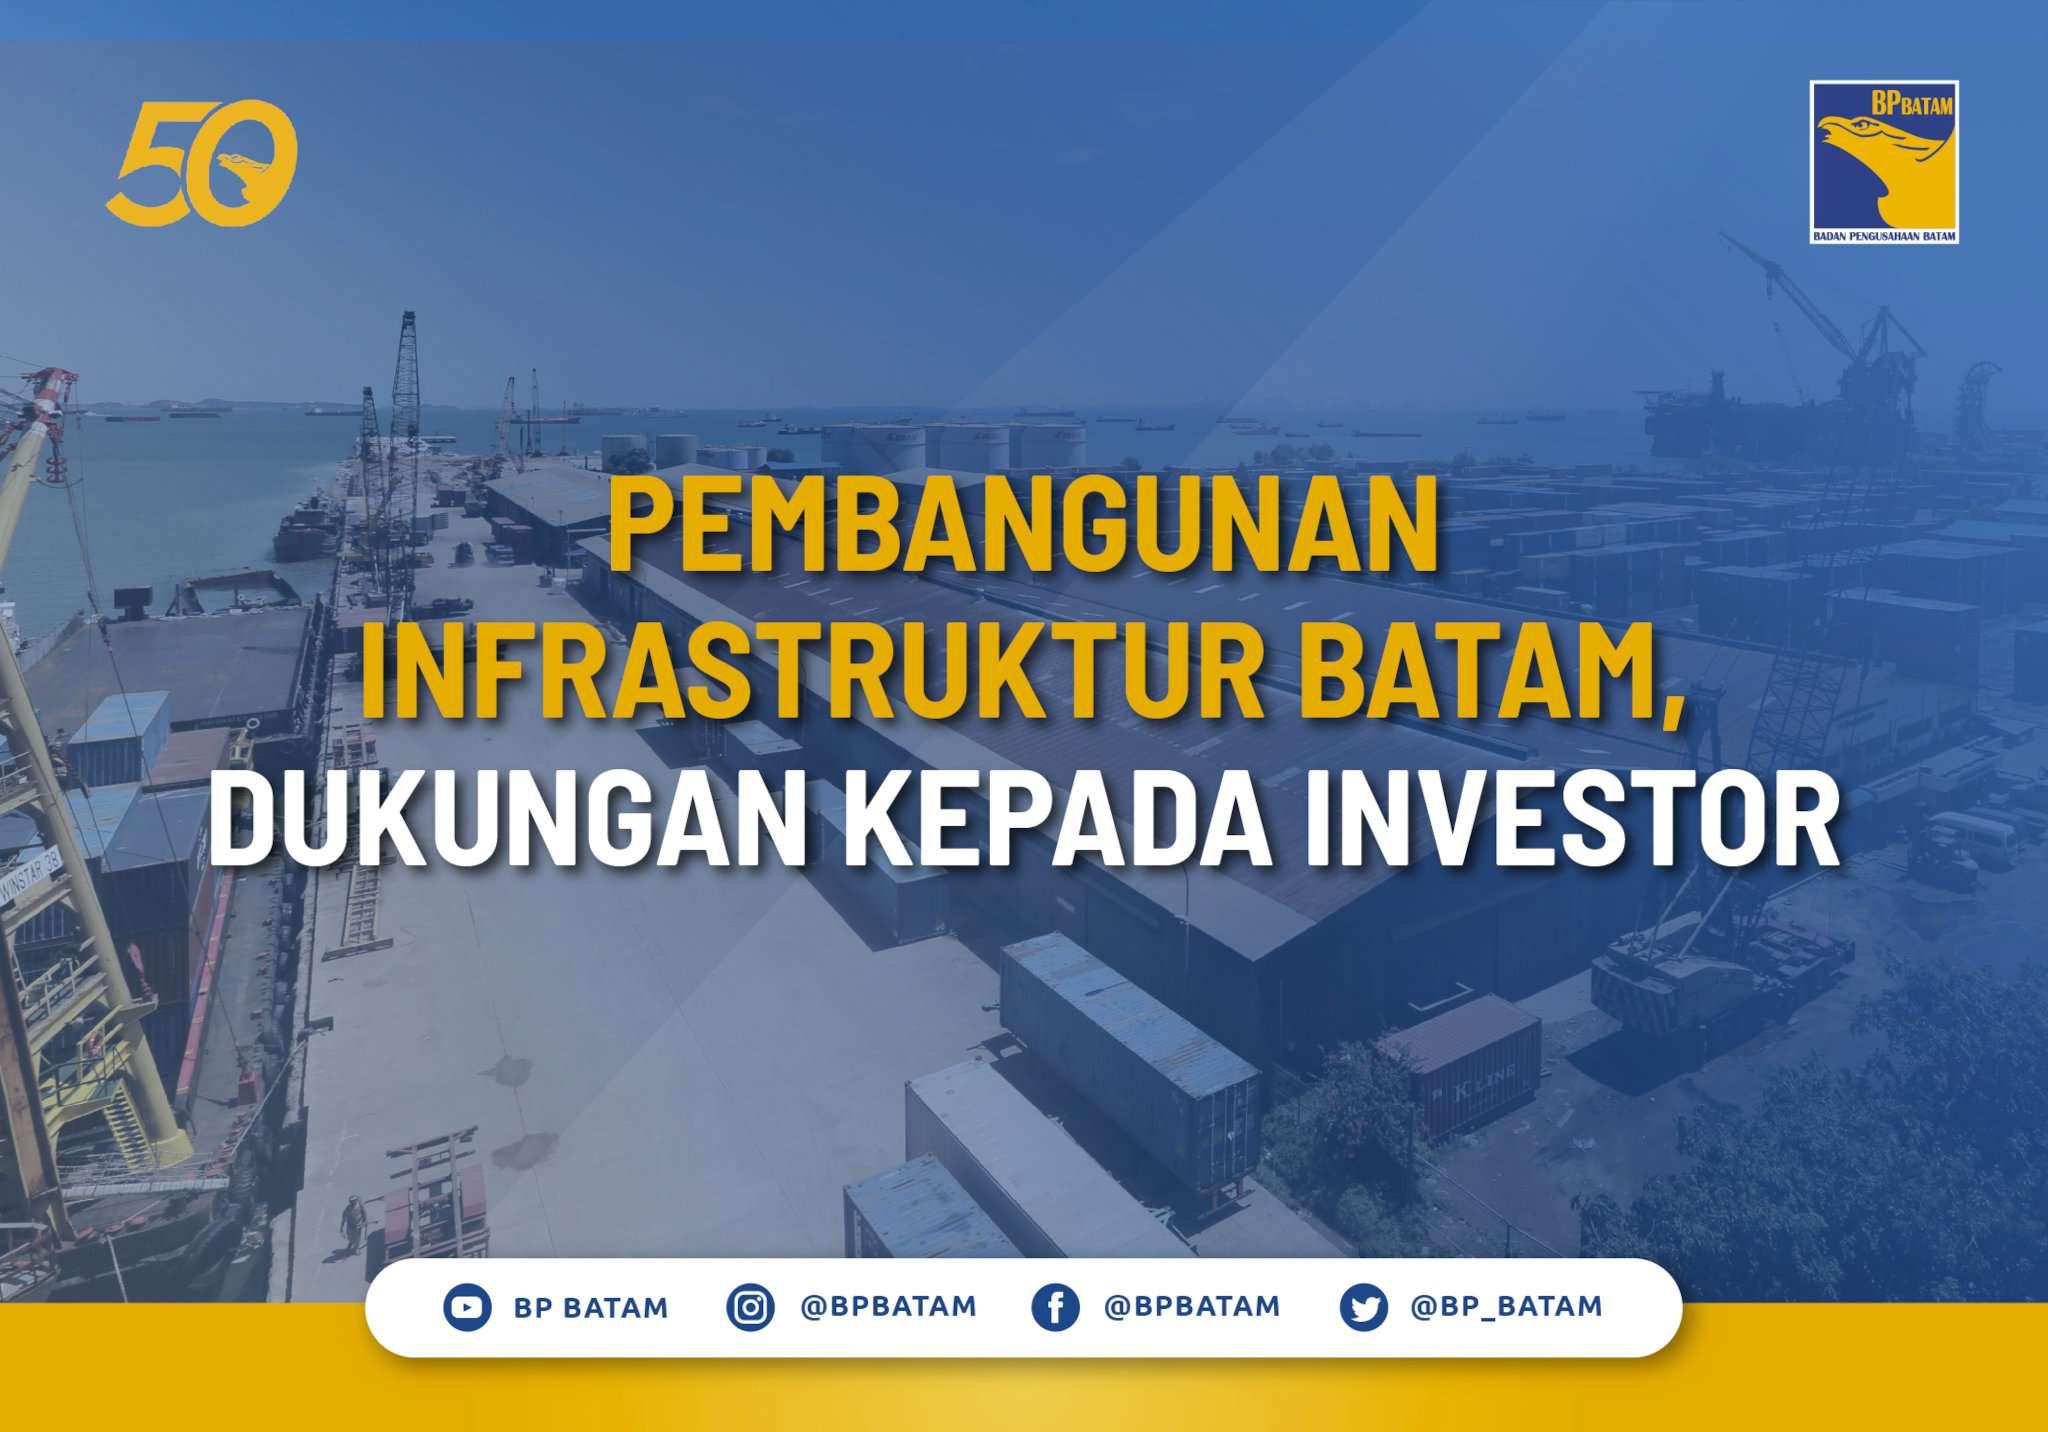 Pembangunan Infrastruktur Batam, Dukungan kepada Investor